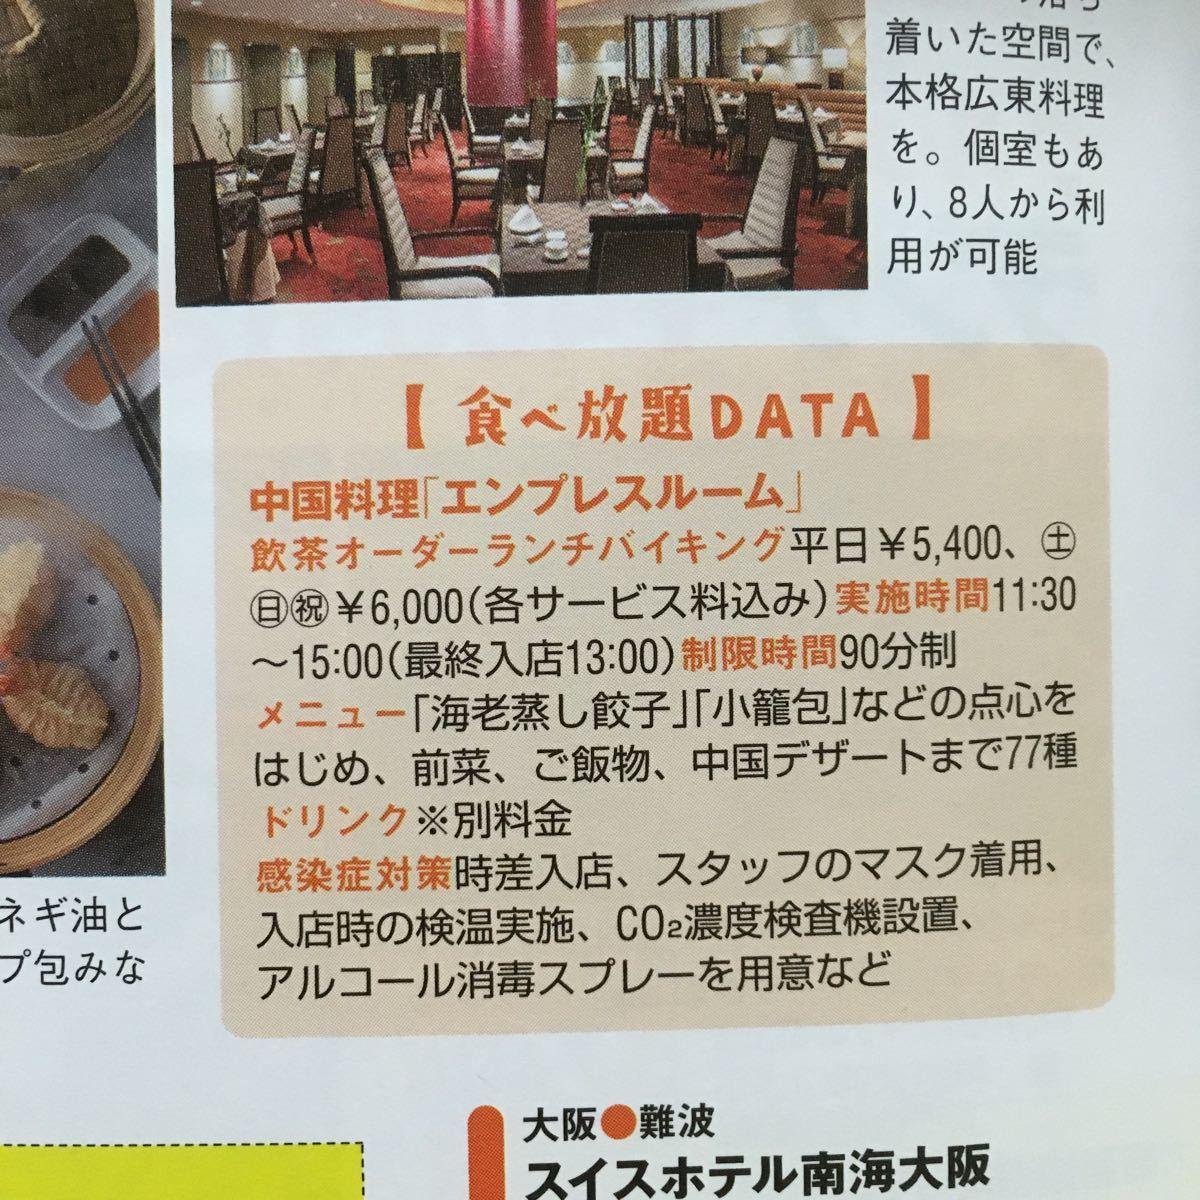 スイスホテル南海大阪 中国料理 「エンプレスルーム」 クーポン券 割引券 11/30まで_画像3